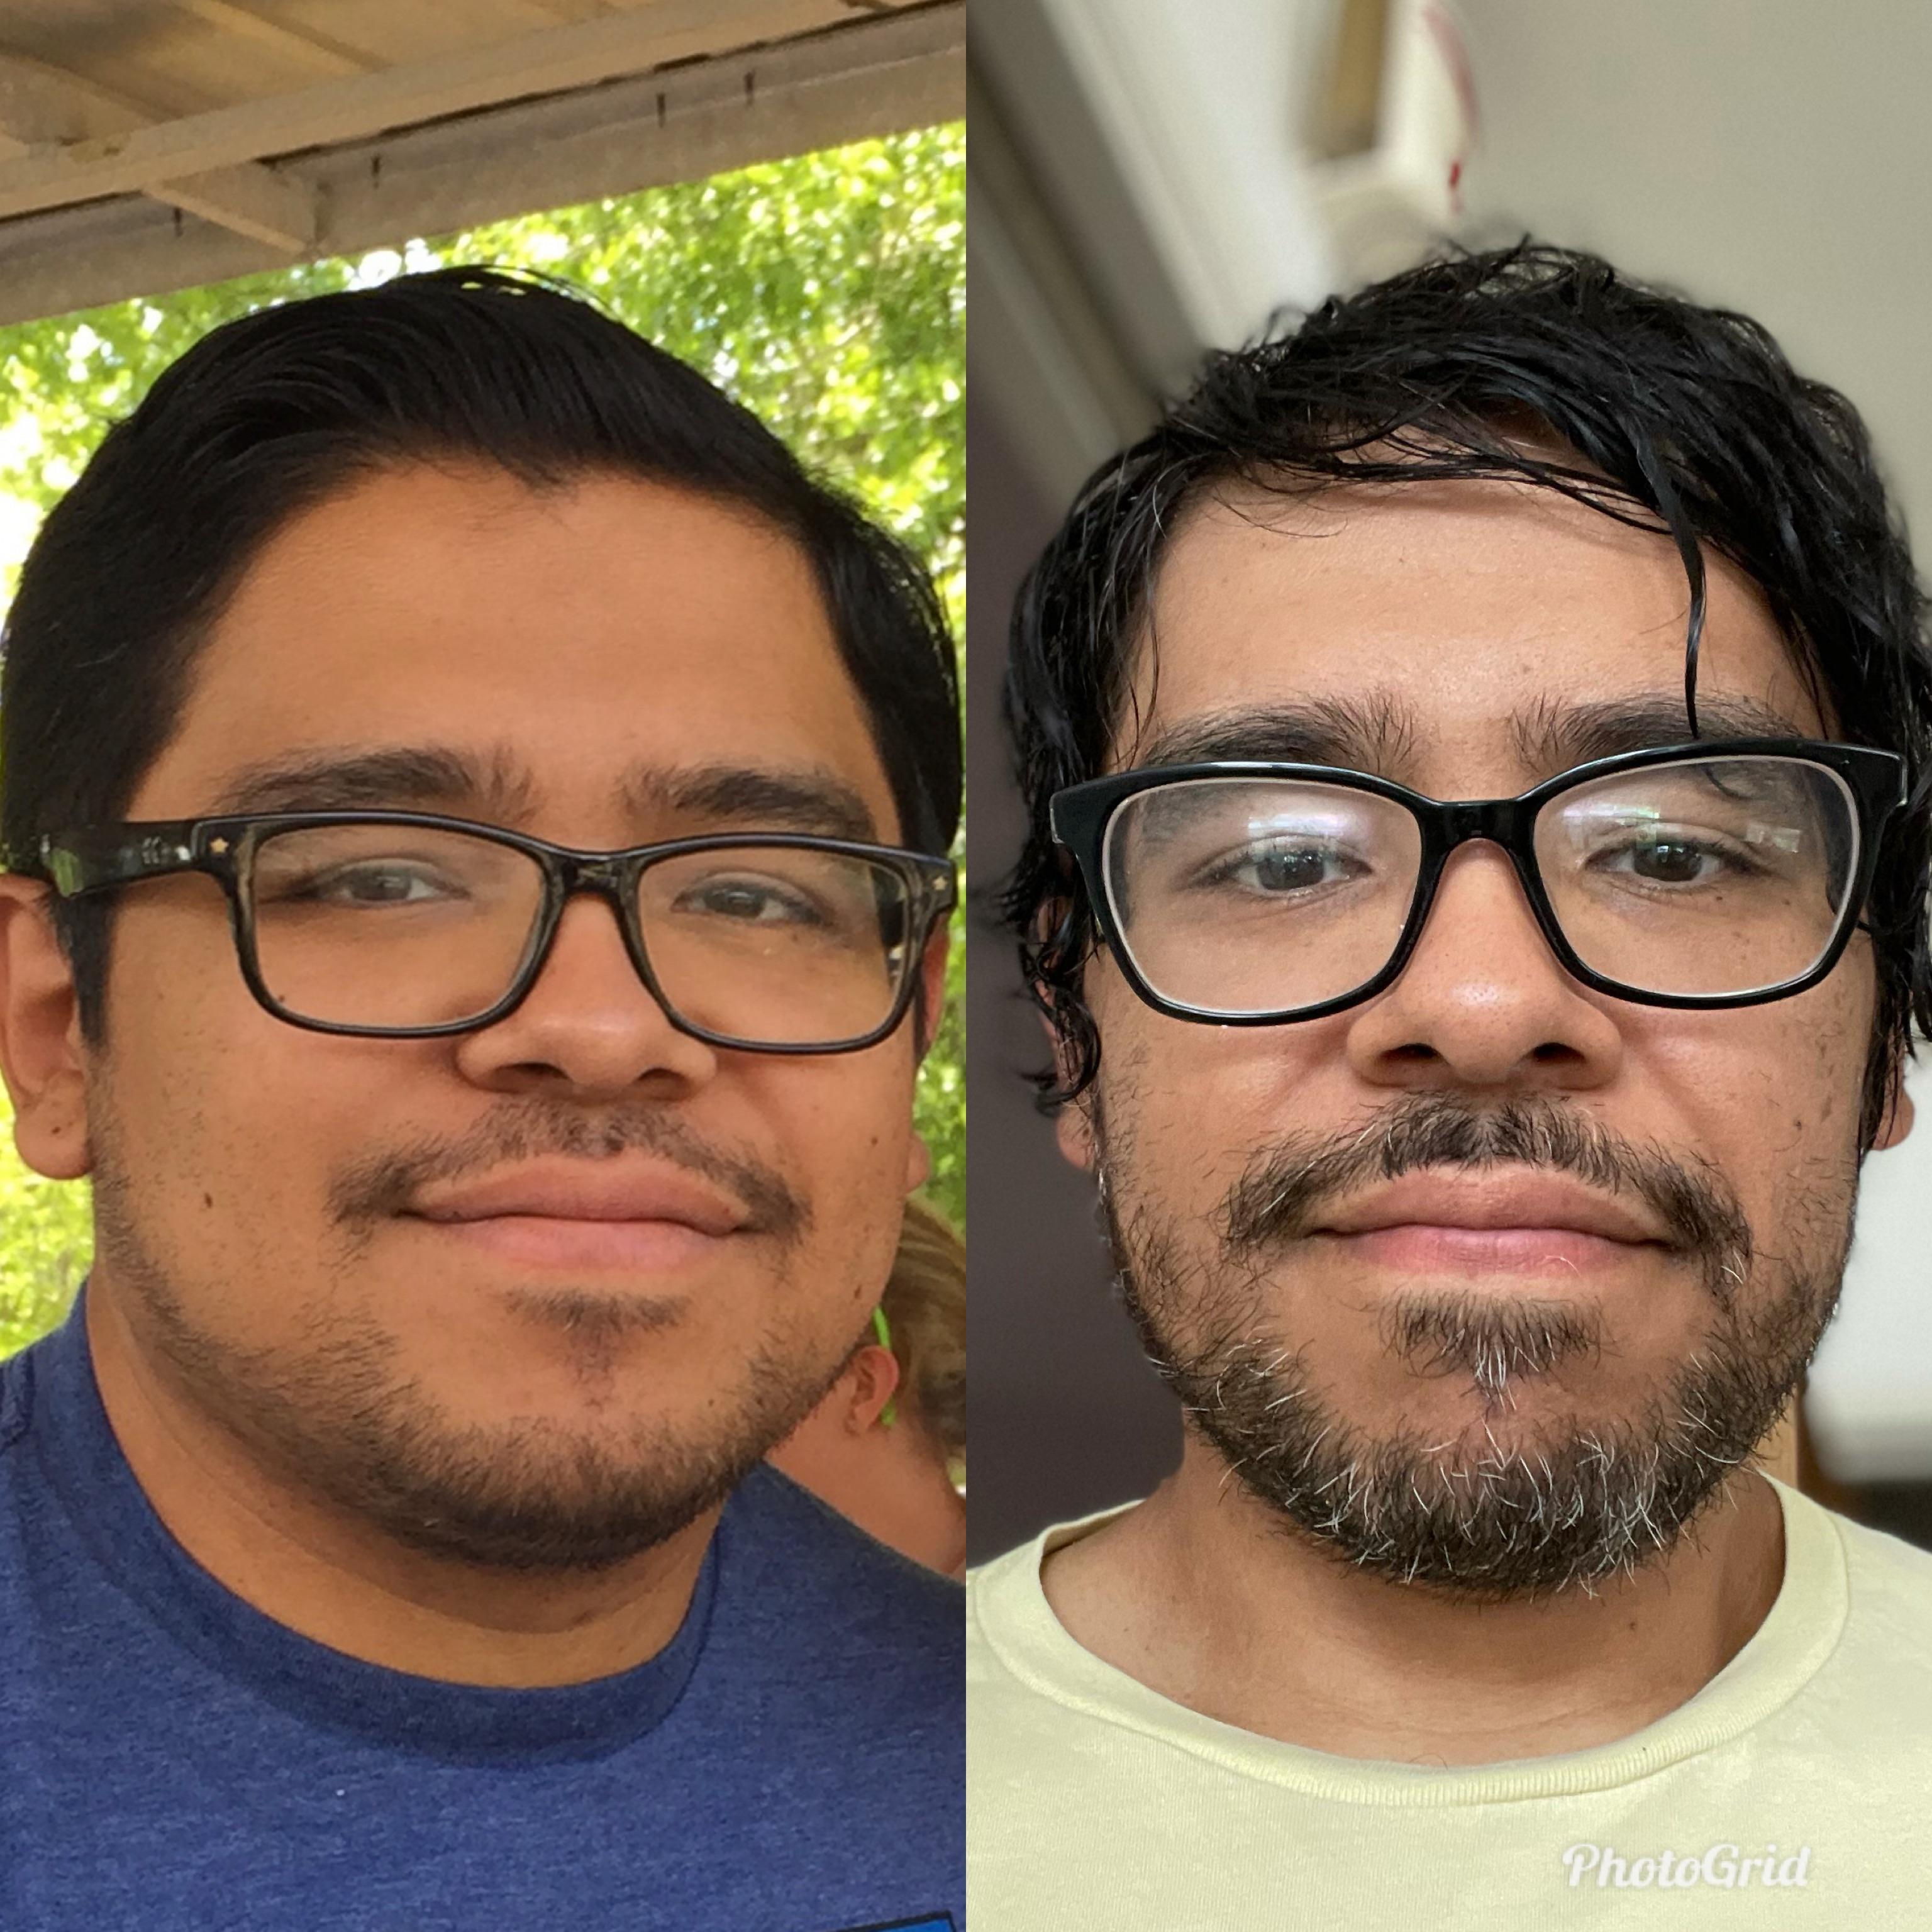 5'6 Male Progress Pics of 48 lbs Fat Loss 218 lbs to 170 lbs